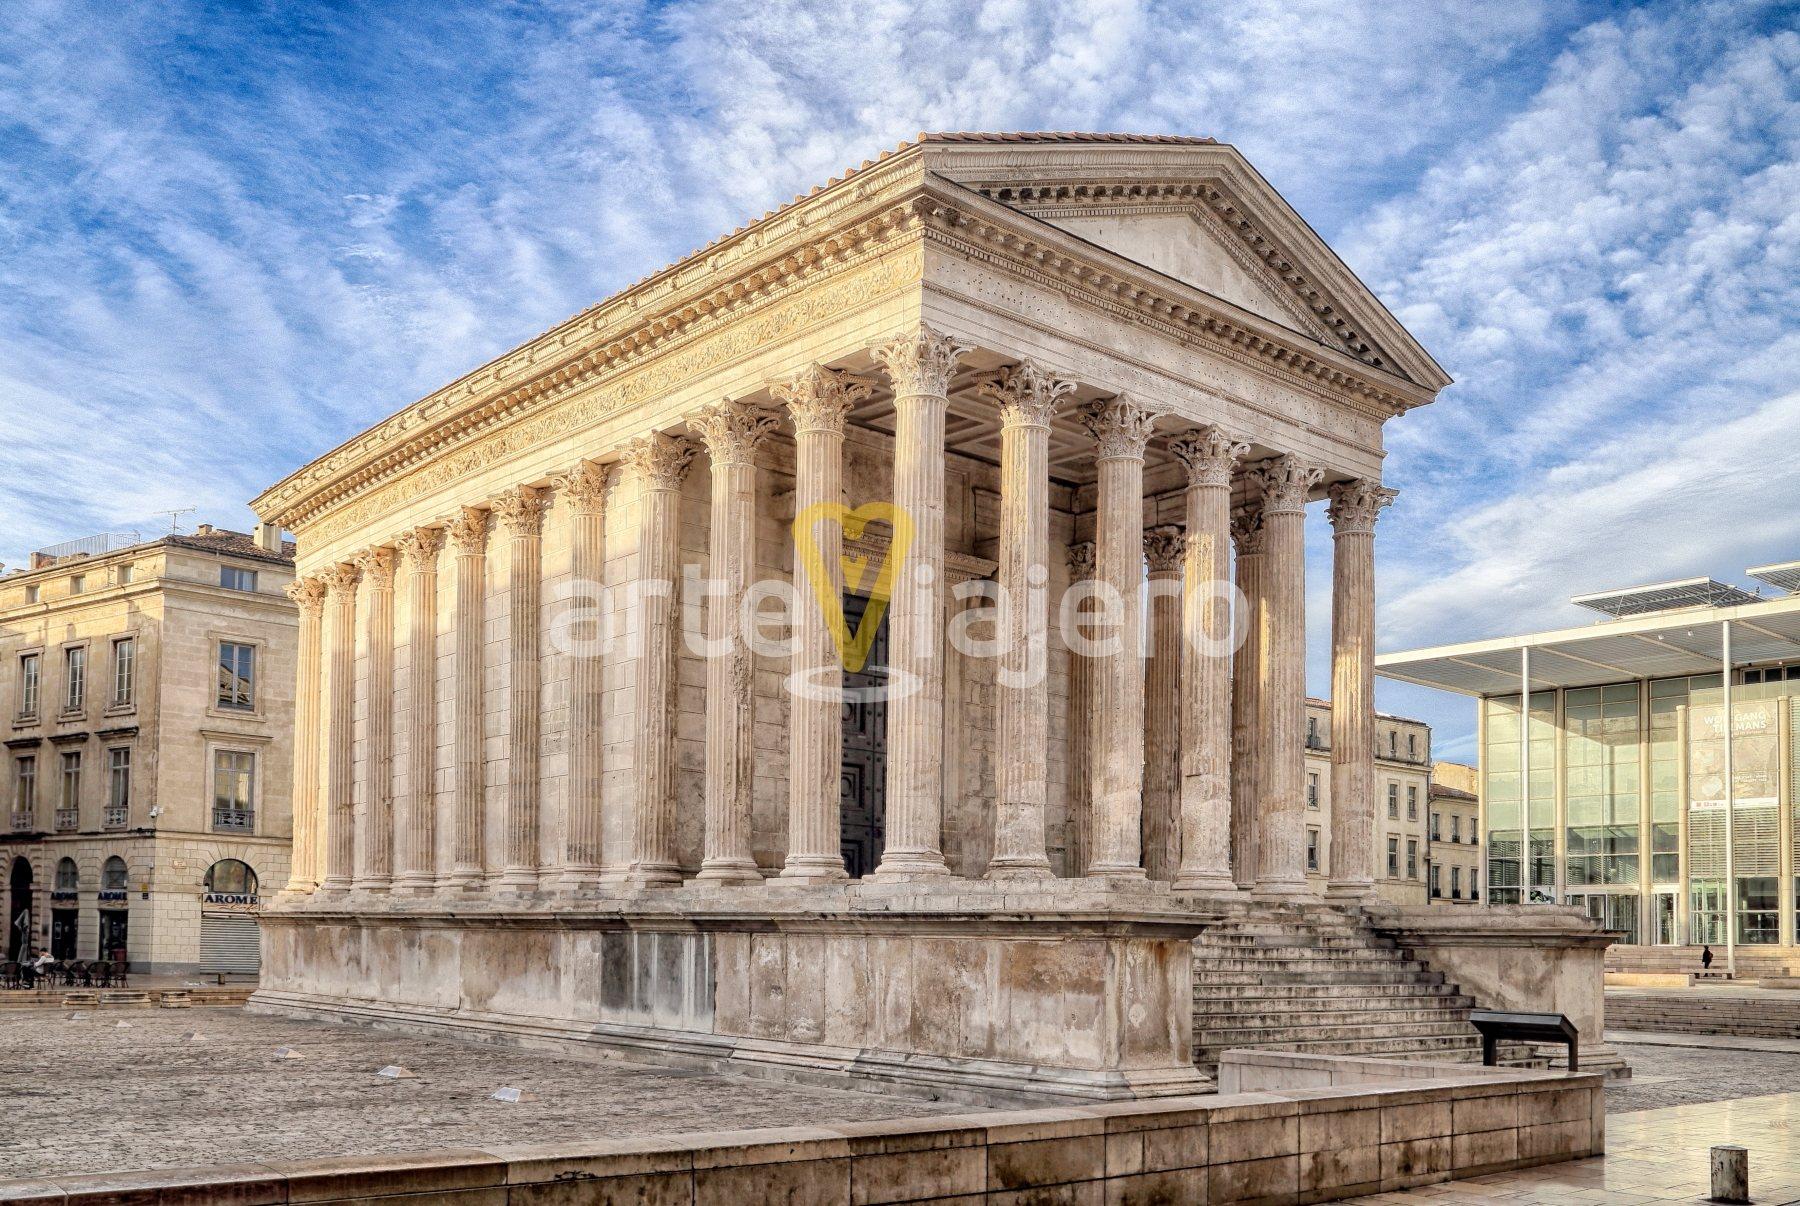 maison carrée, templo romano